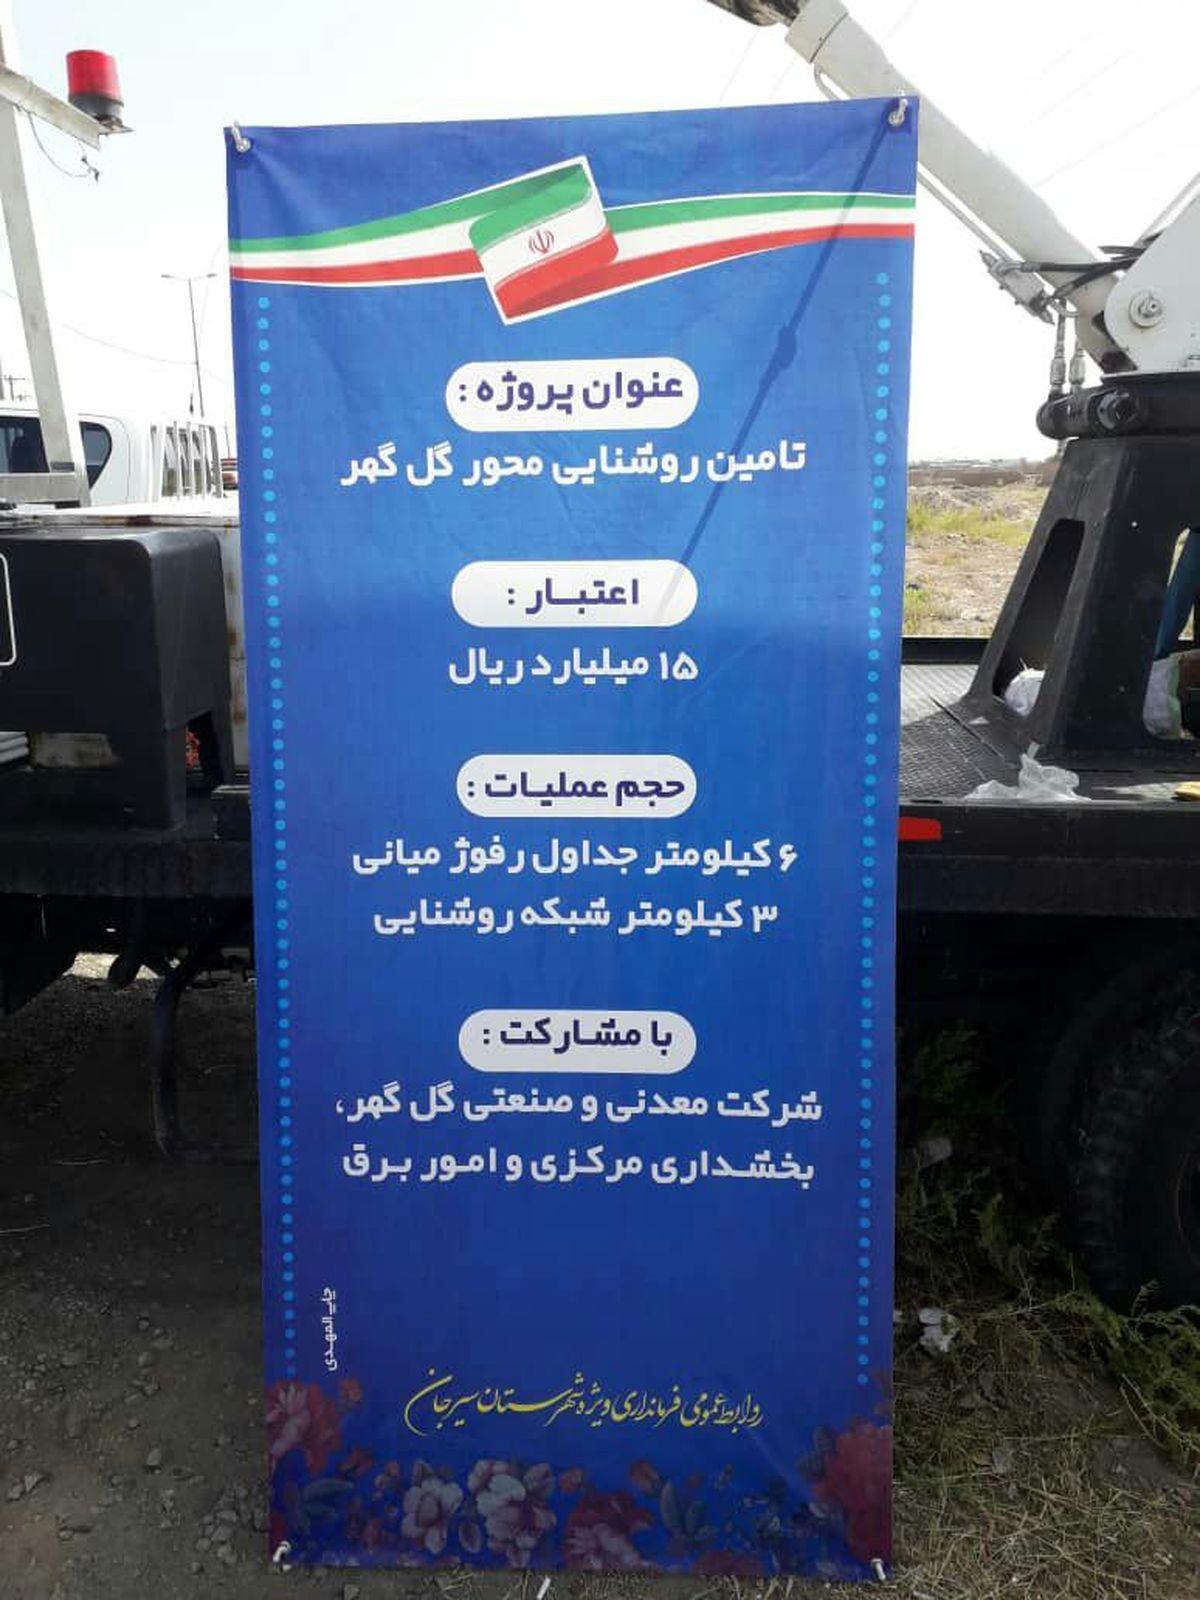 تامین روشنایی محورهای گلگهر، فرودگاه و اتوبان سیرجان-کرمان